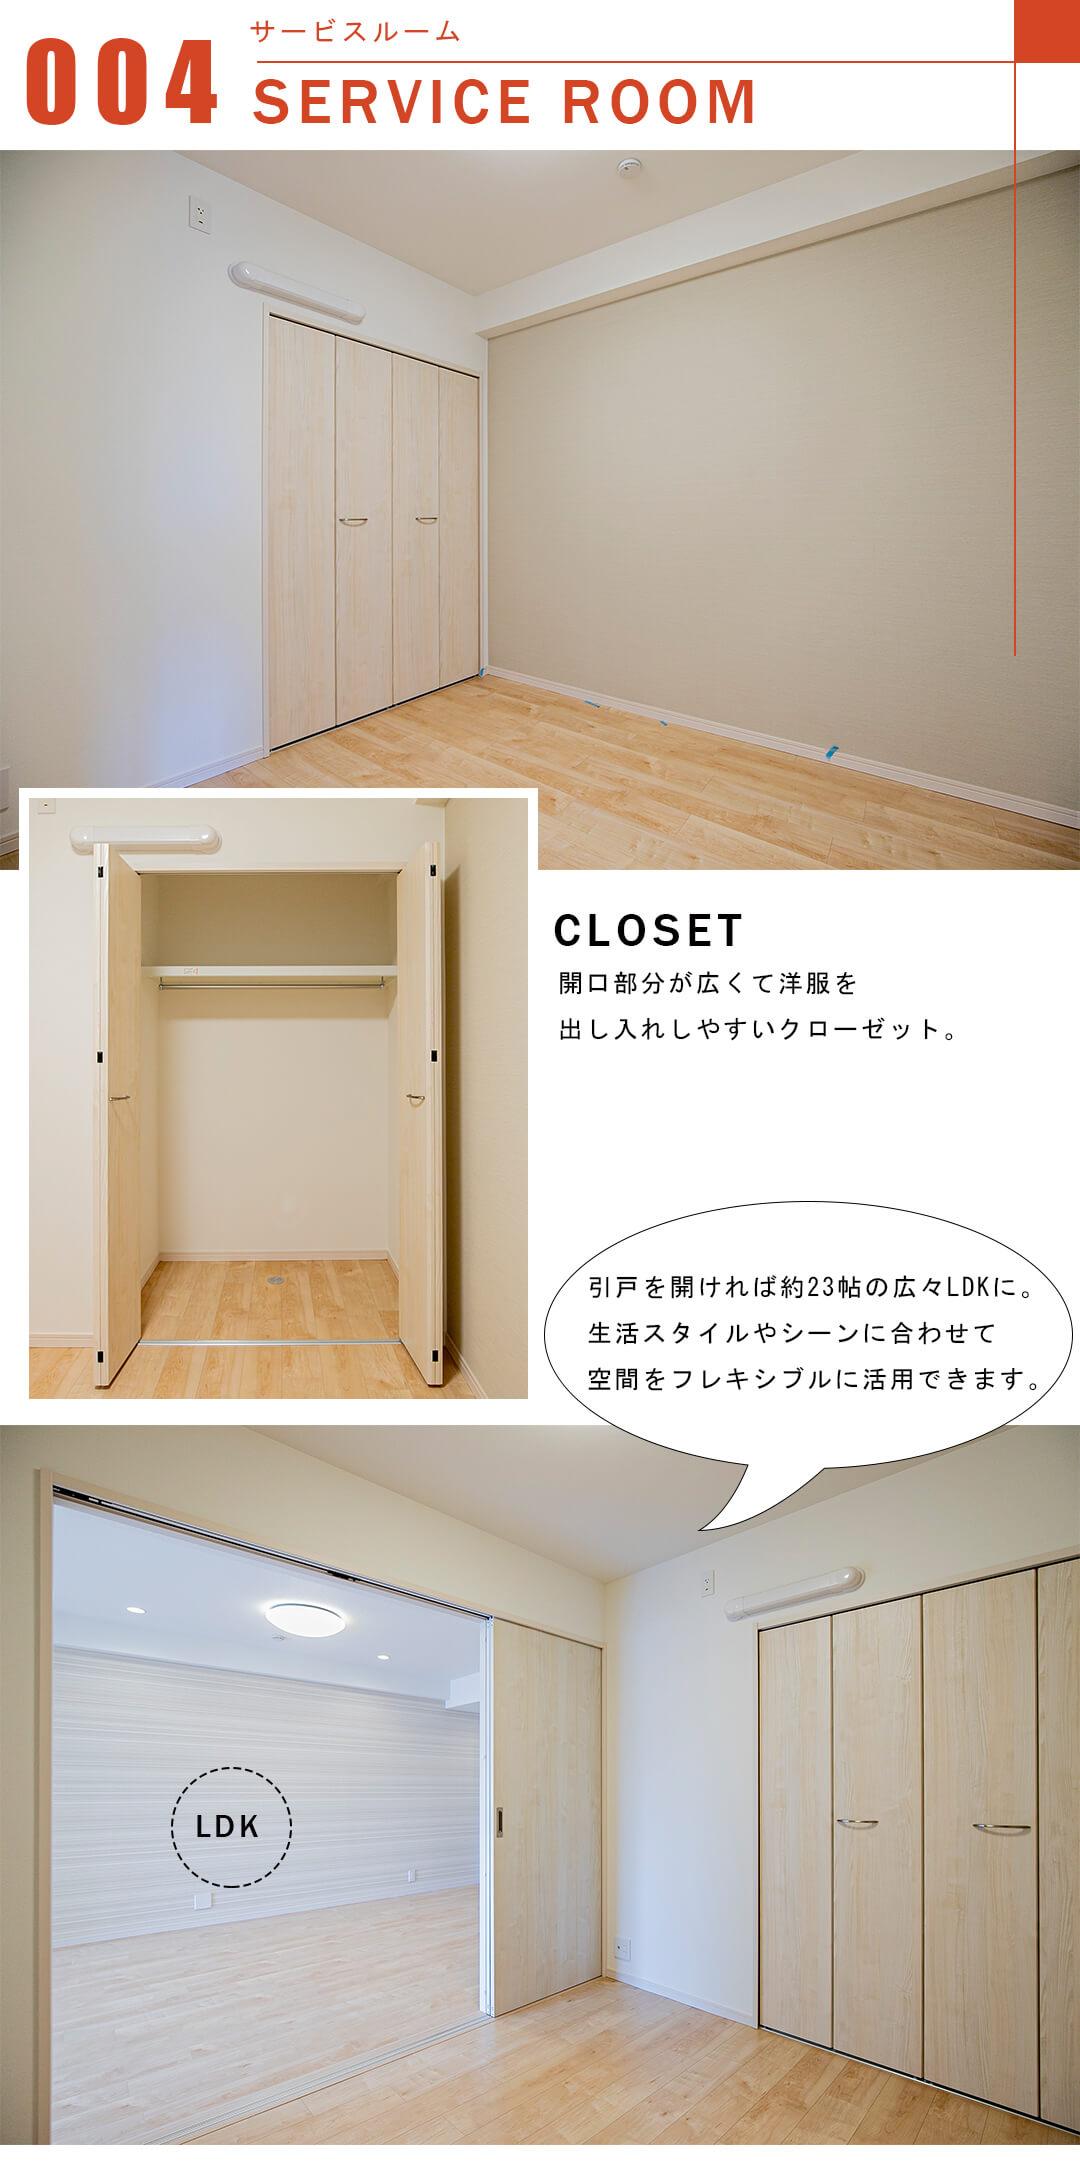 安藤坂東方マンションのサービスルーム